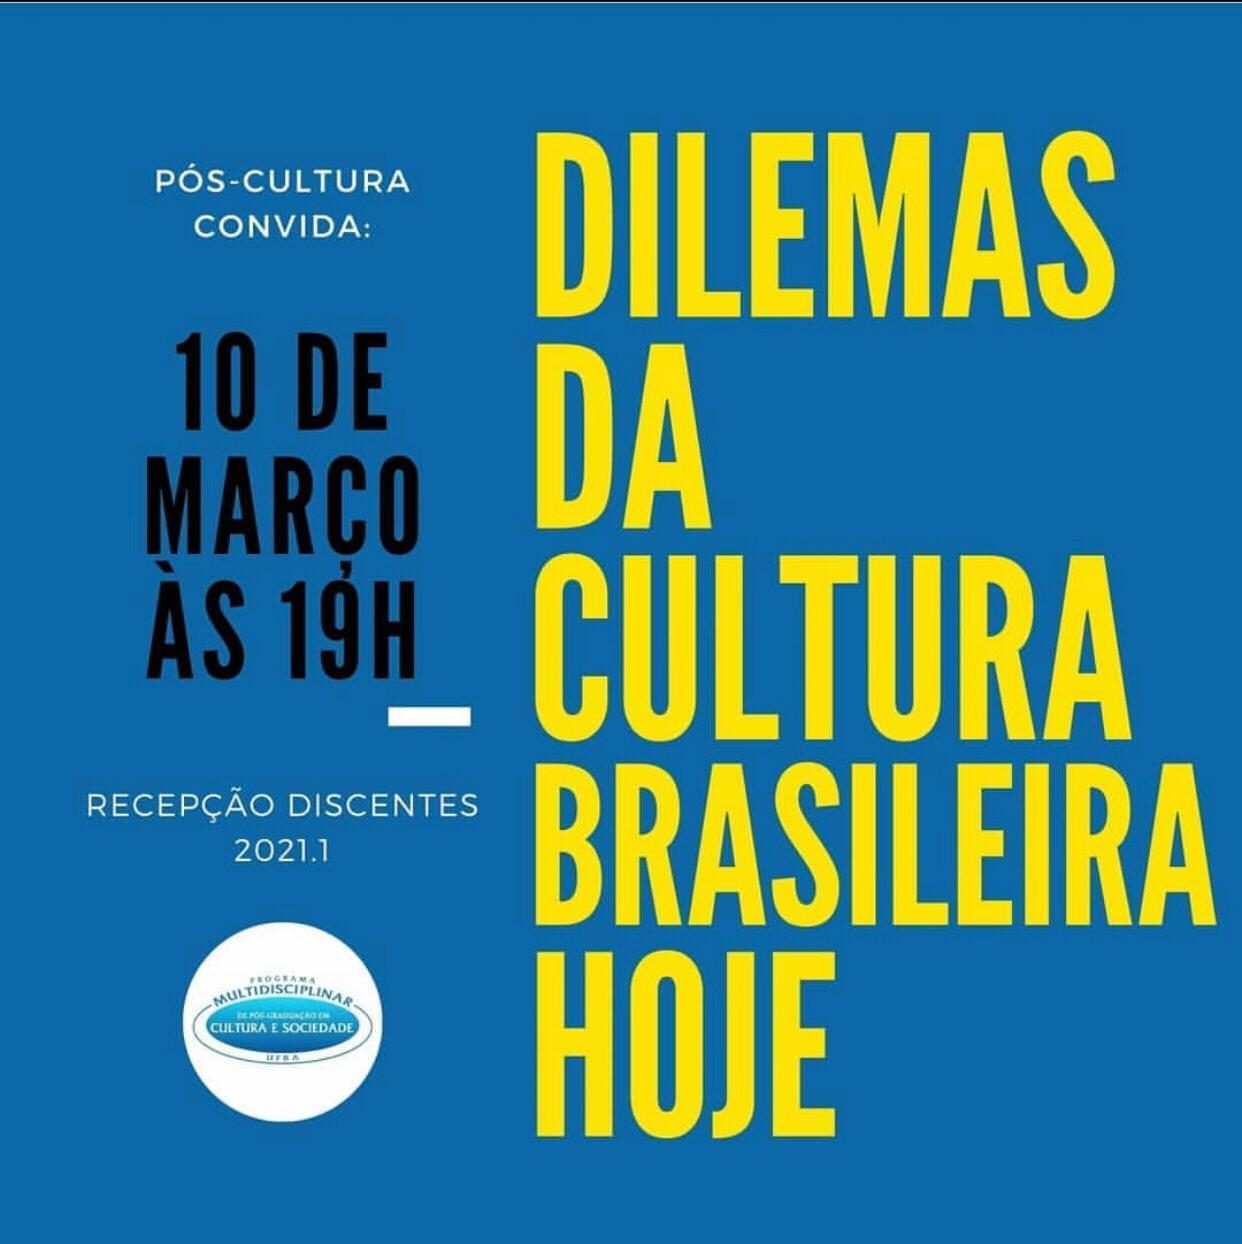 IHAC Digital ao vivo | 10/03/21 | Dilemas da cultura brasileira hoje